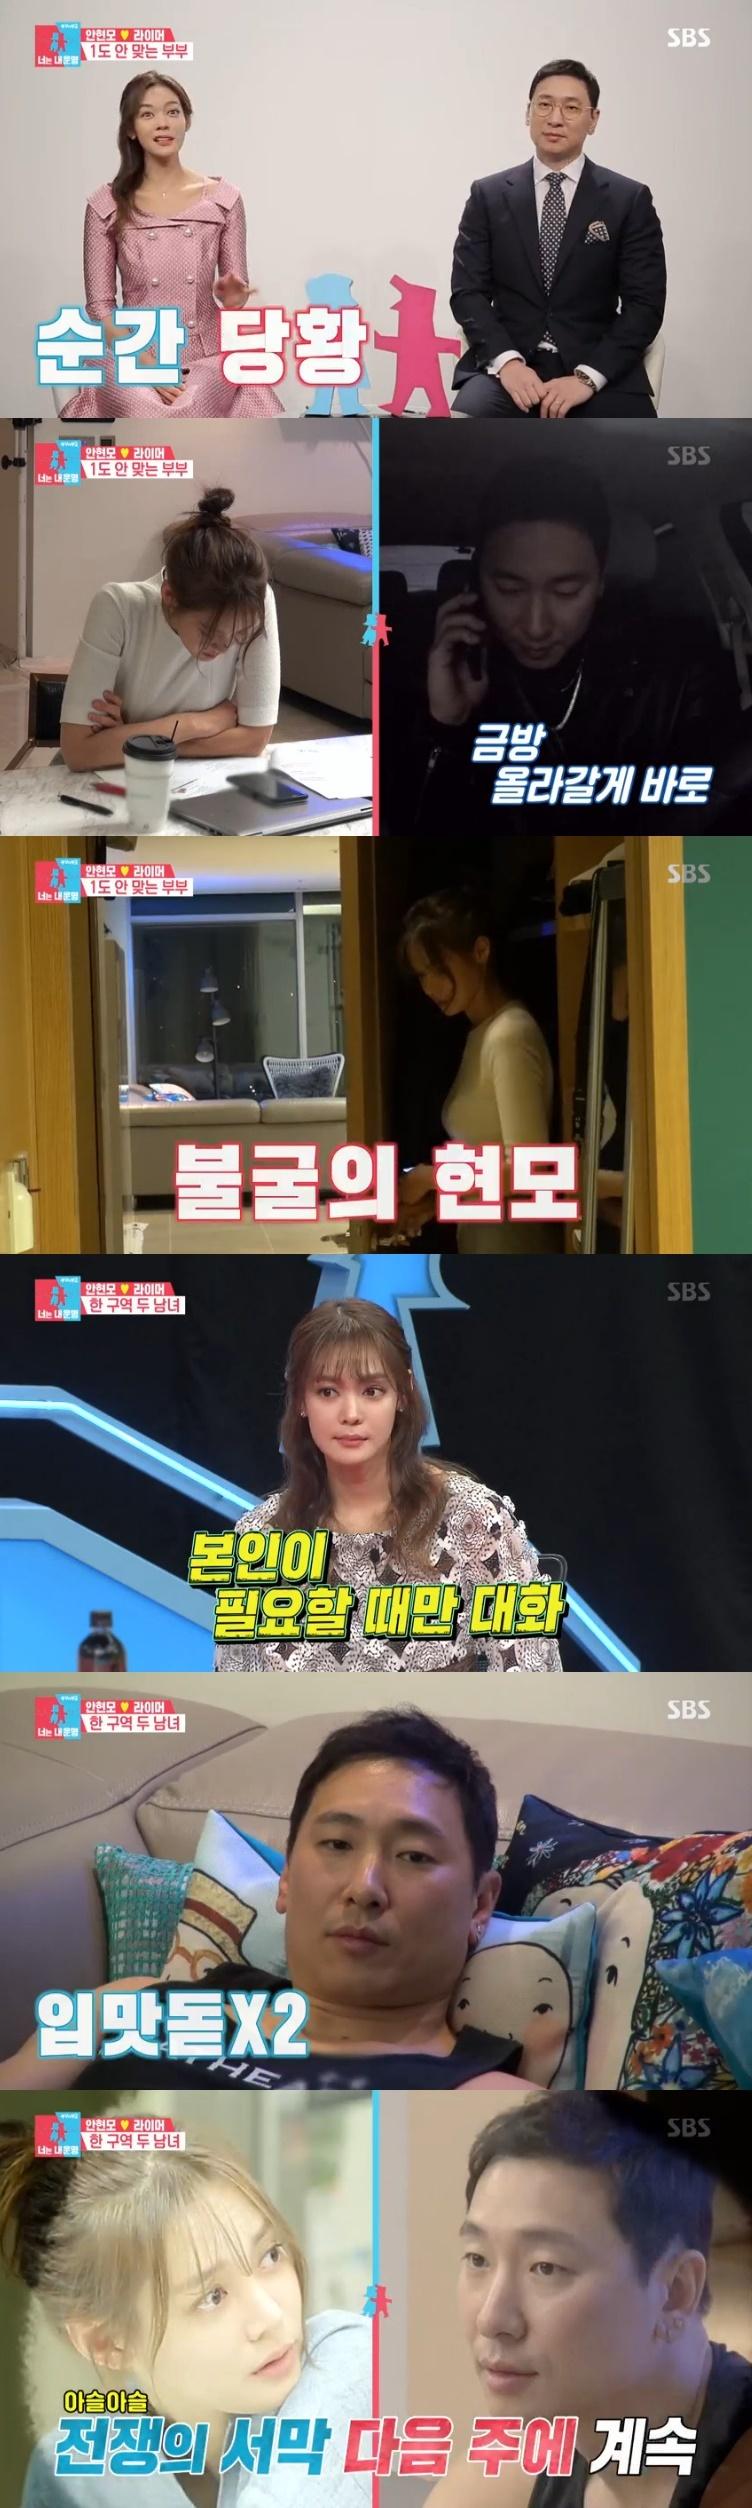 '동상이몽2' 라이머 부부 등장..한고은♥신영수, 현실판 '노팅힐'(...